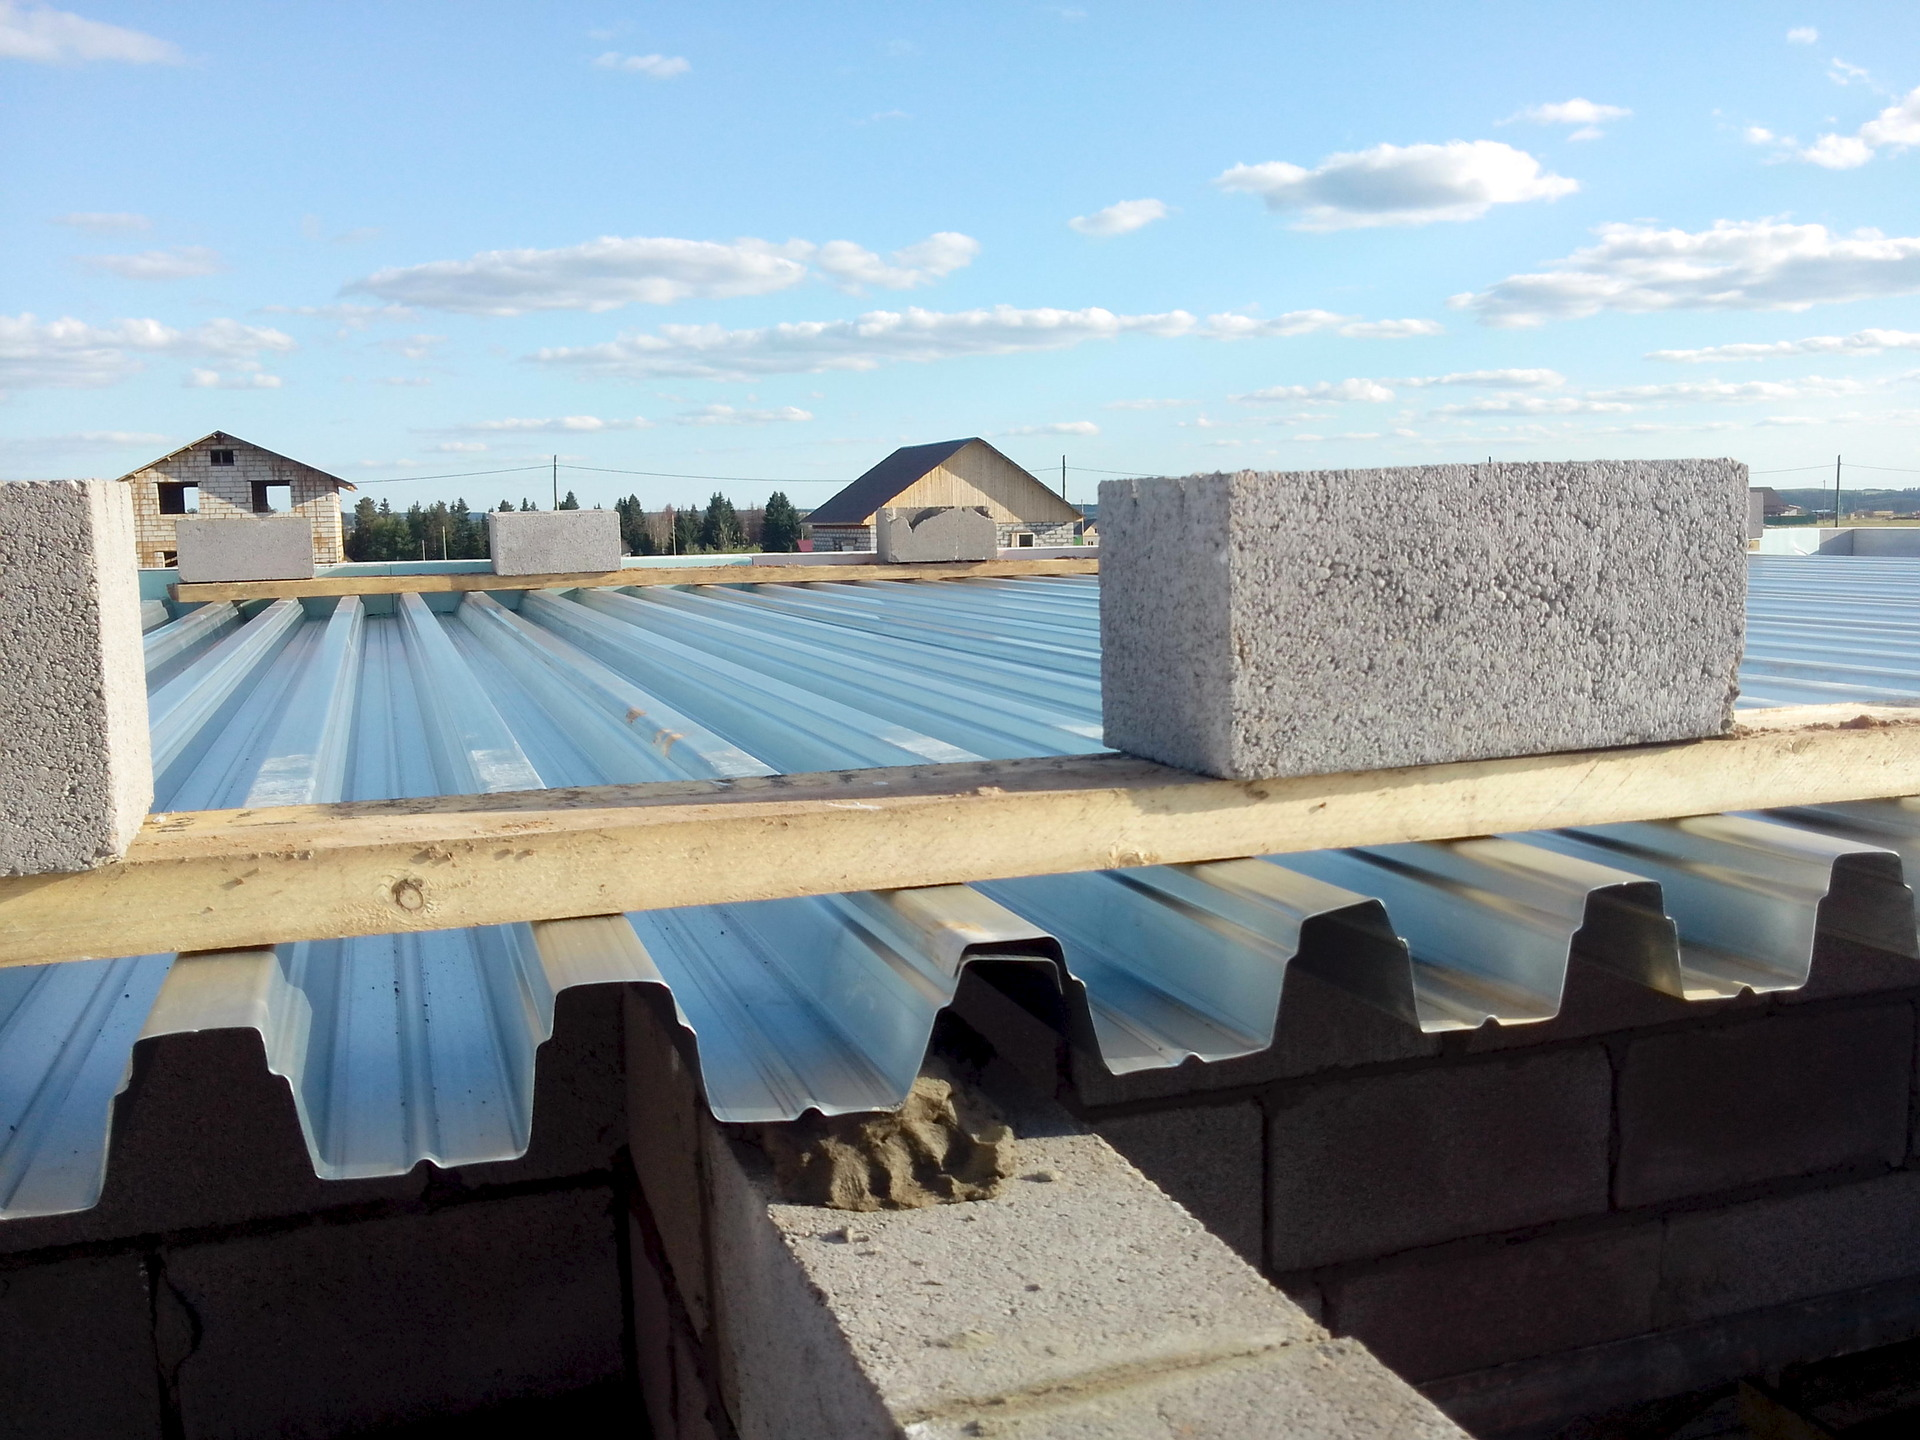 При возведении перекрытий всегда нужно учитывать толщину бетонного слоя